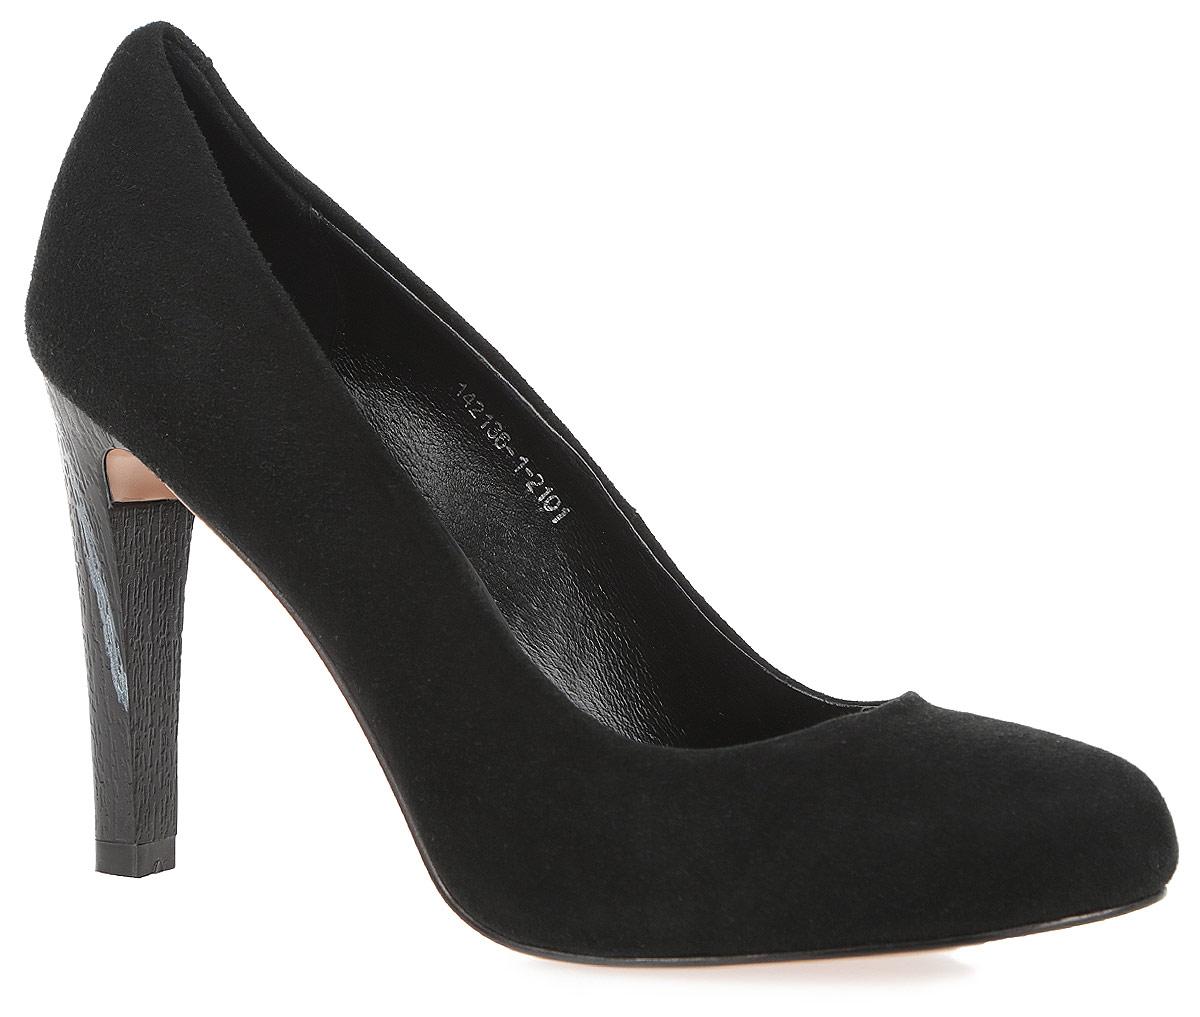 Туфли женские. 142136-1-2101142136-1-2101Модные туфли от Milana покорят вас с первого взгляда! Модель выполнена из натуральной кожи и исполнена в лаконичном стиле. Округлый мыс смотрится невероятно женственно. Высокий каблук, с рельефной узором, устойчив. Подошва и каблук с рифлением обеспечивают отличное сцепление на любой поверхности. Прелестные туфли займут достойное место среди вашей коллекции обуви.